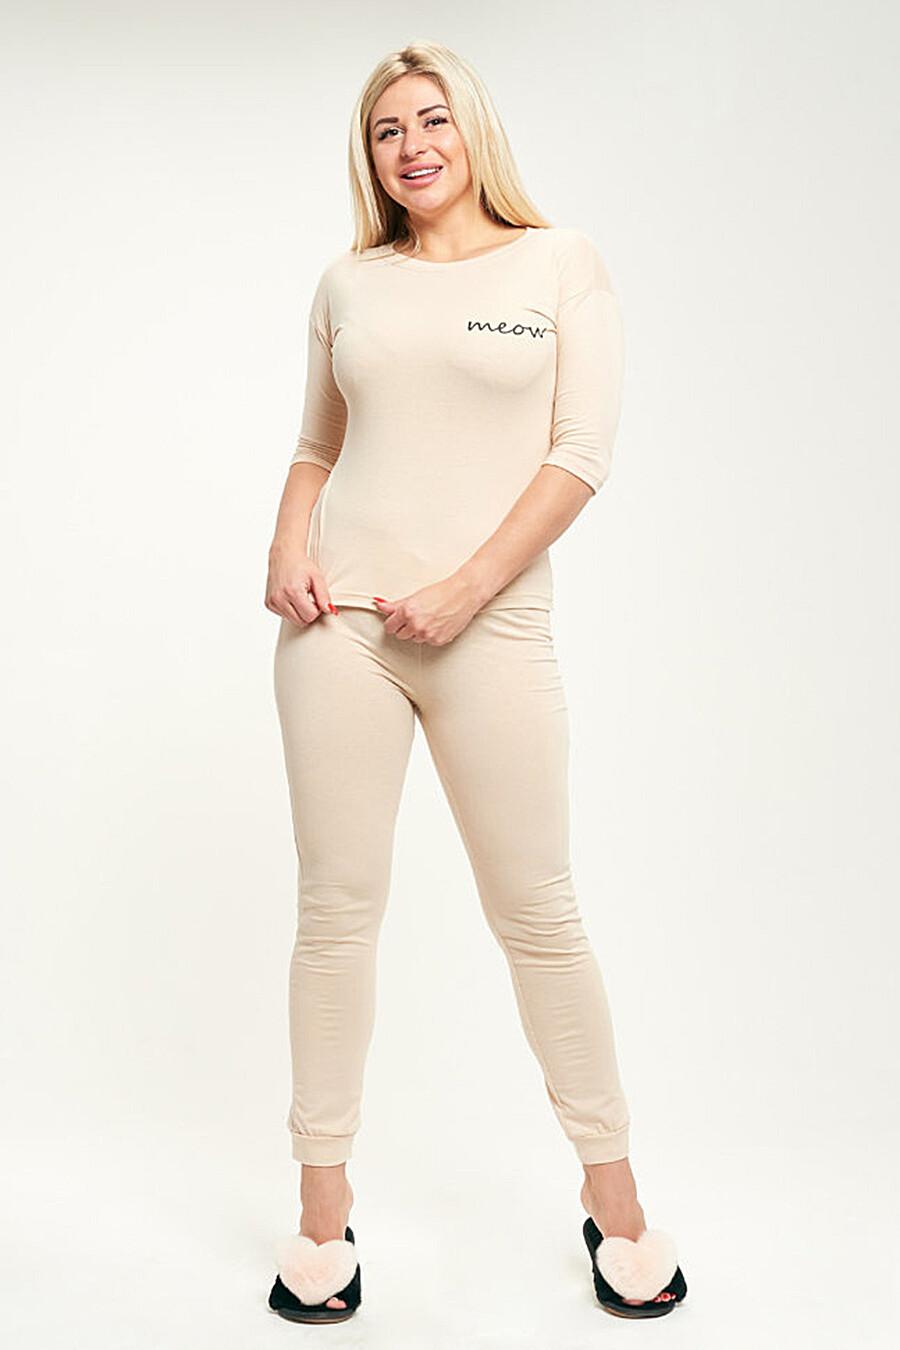 Пижама (Брюки+Джемпер) для женщин ALTEX 150259 купить оптом от производителя. Совместная покупка женской одежды в OptMoyo